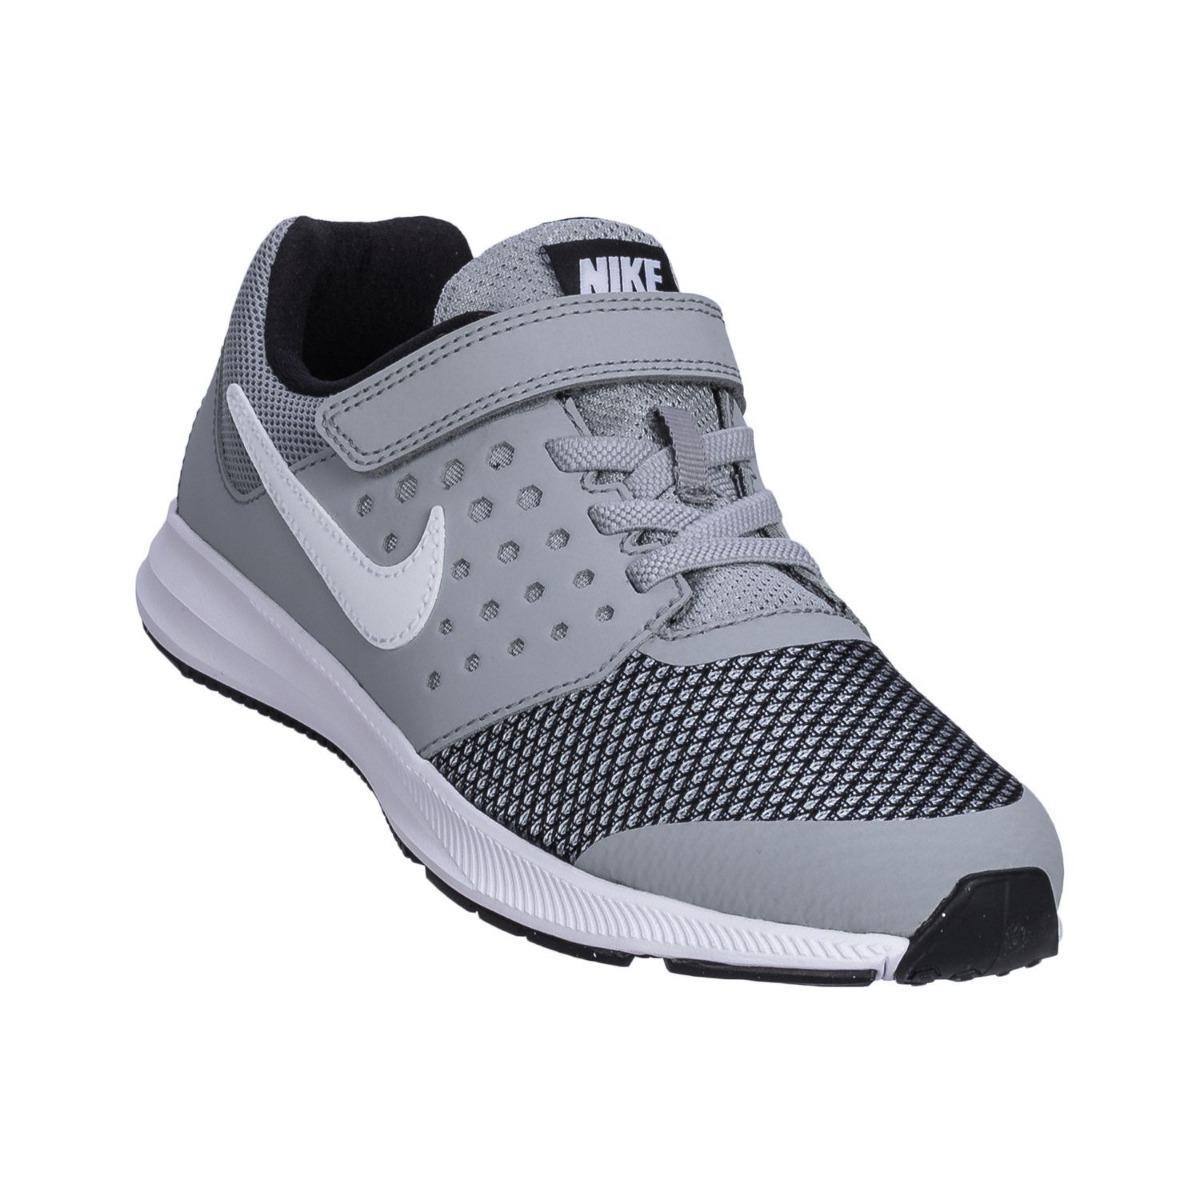 última selección de 2019 descuento mejor valorado disfruta de un gran descuento nuevo Nike Downshifter 7 Zapatillas Nike en Mercado Libre ...